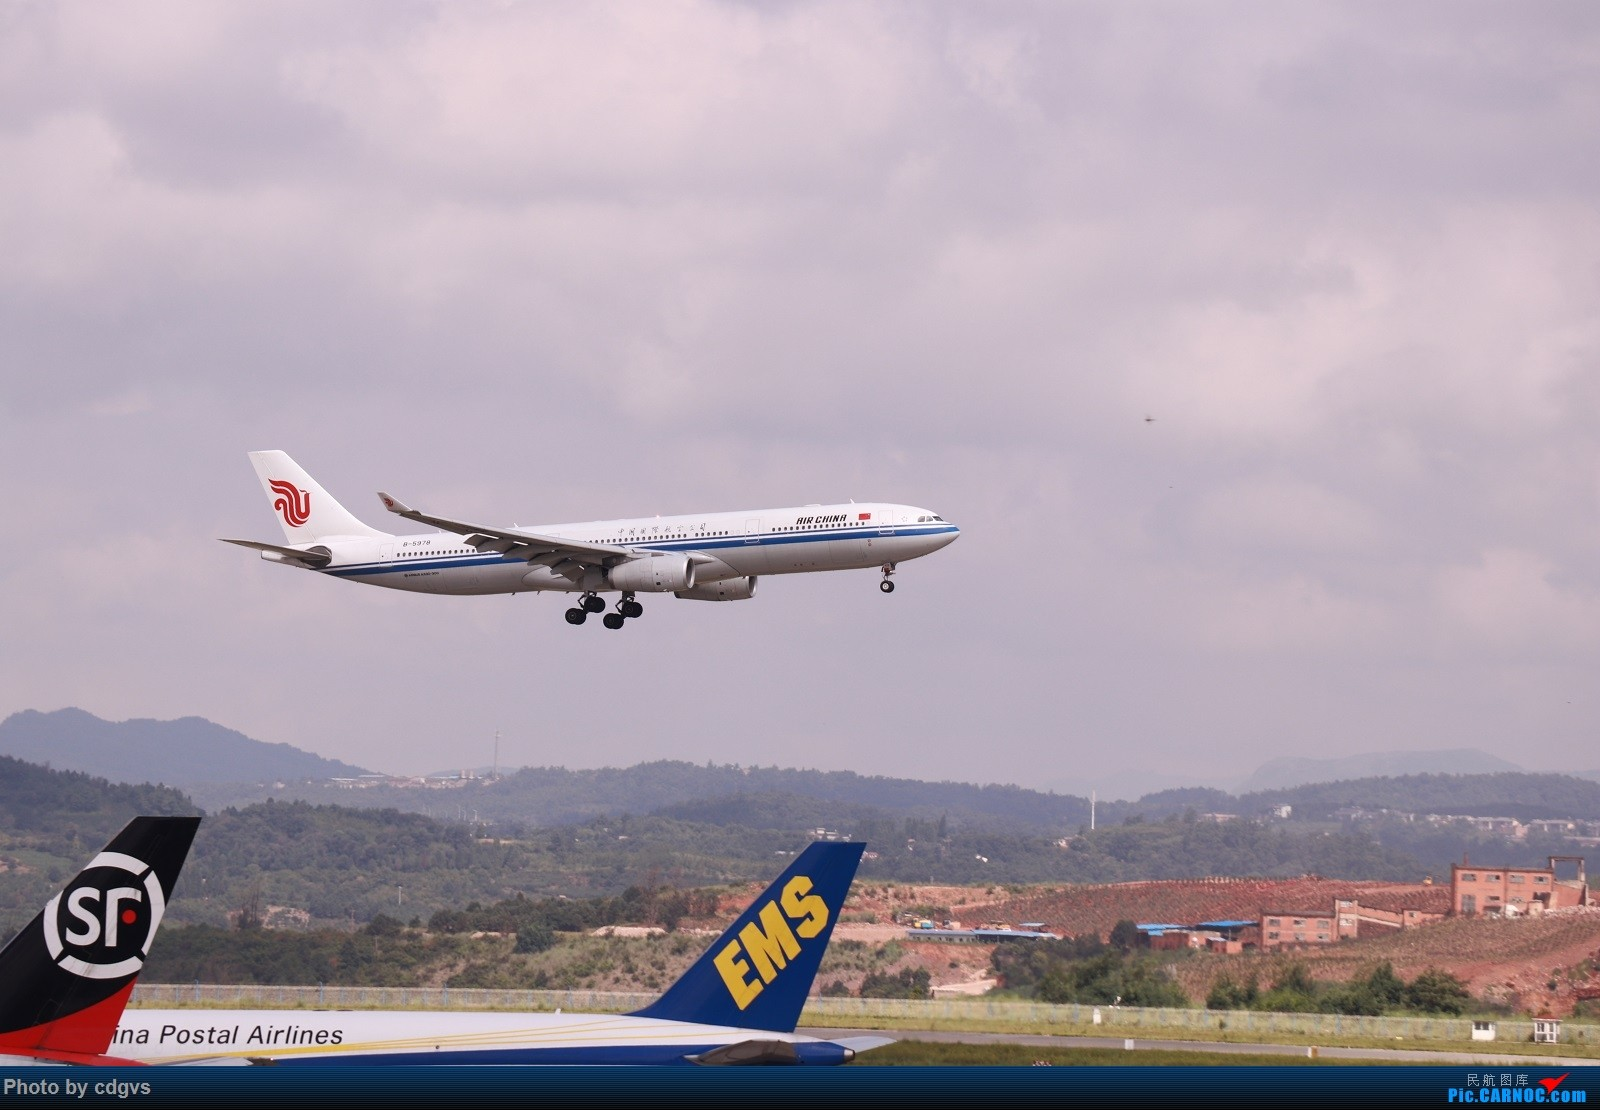 Re:[原创]【KMG】昆明的一天 1600大图 一次看个爽 AIRBUS A330-300 B-5978 中国昆明长水国际机场